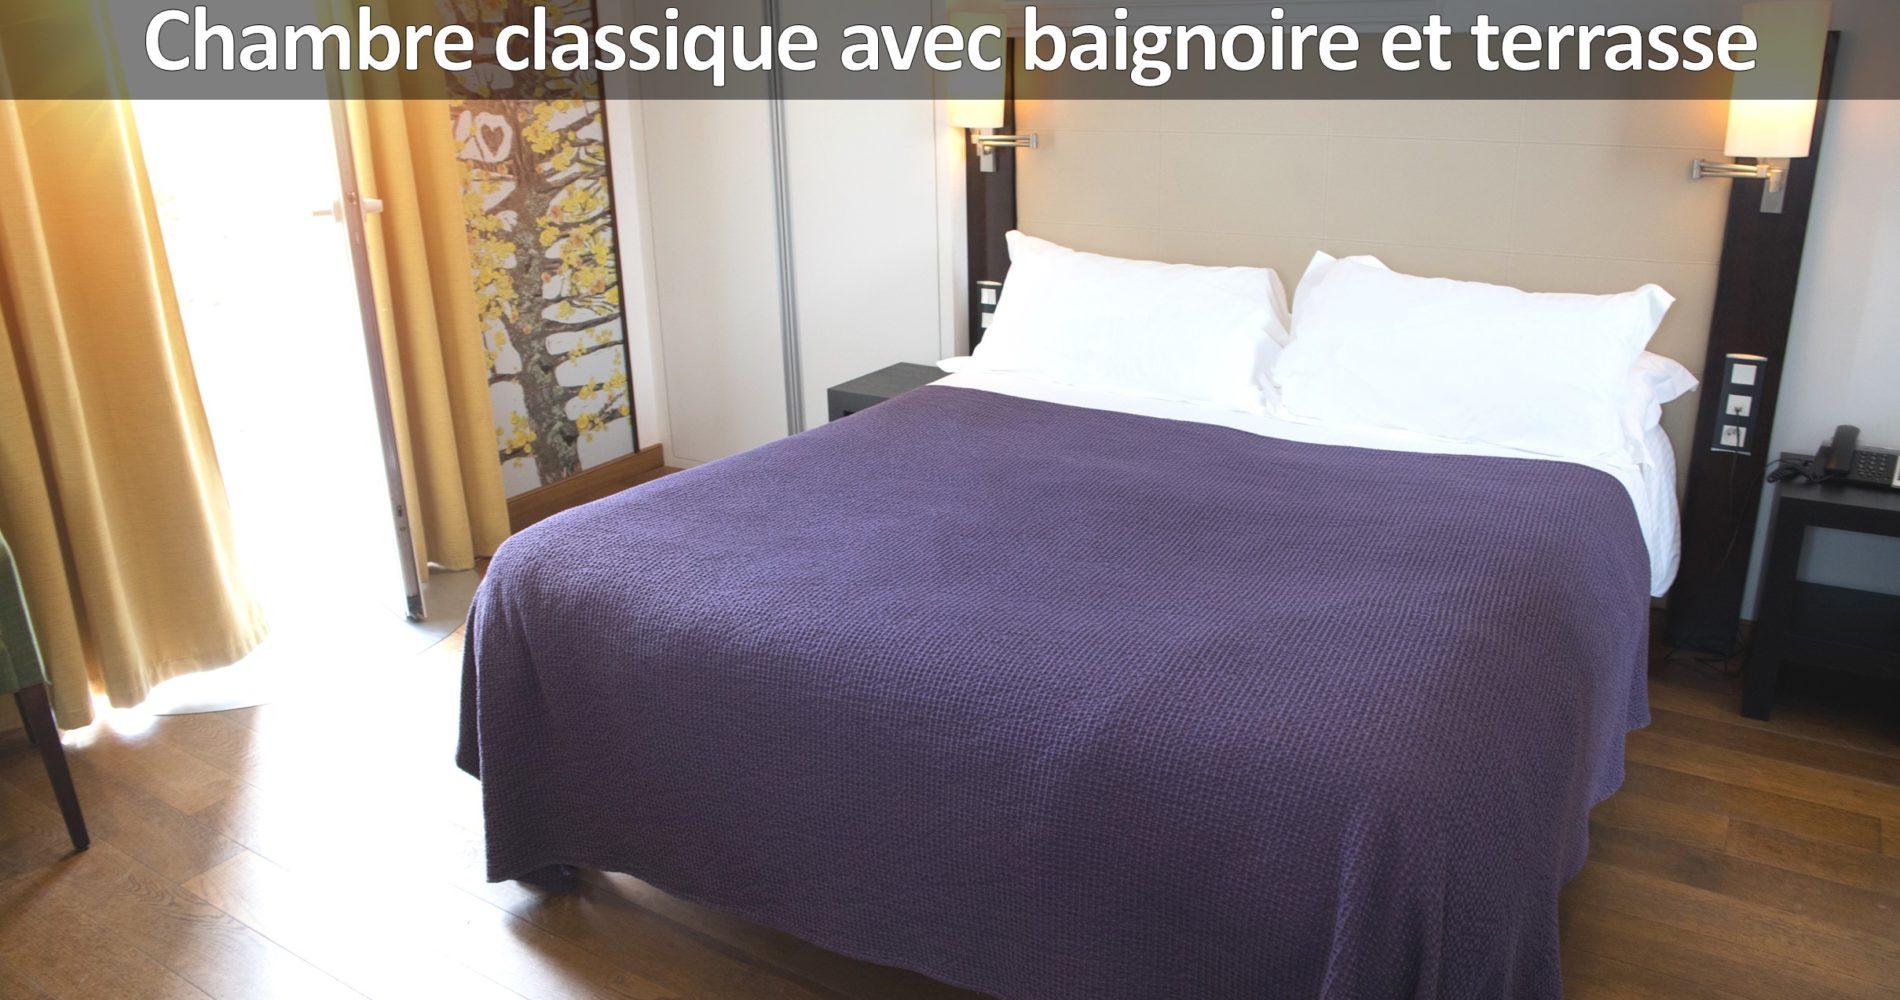 vrp commerciaux hotel Rodez